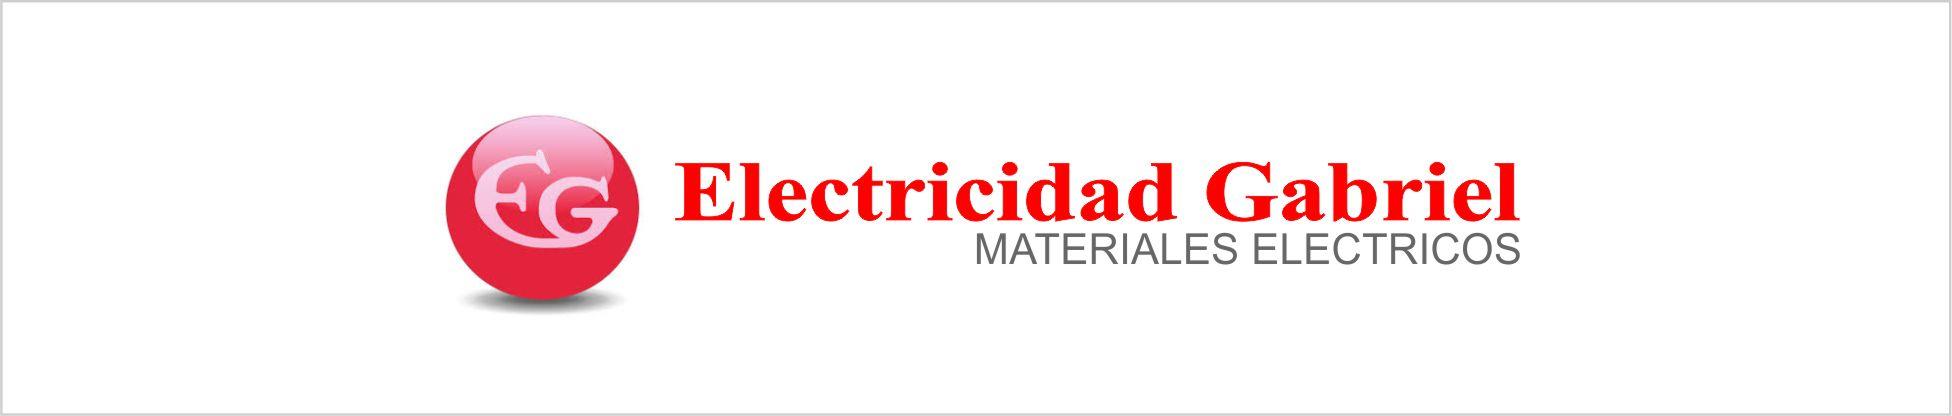 ELECTRICIDAD GABRIEL